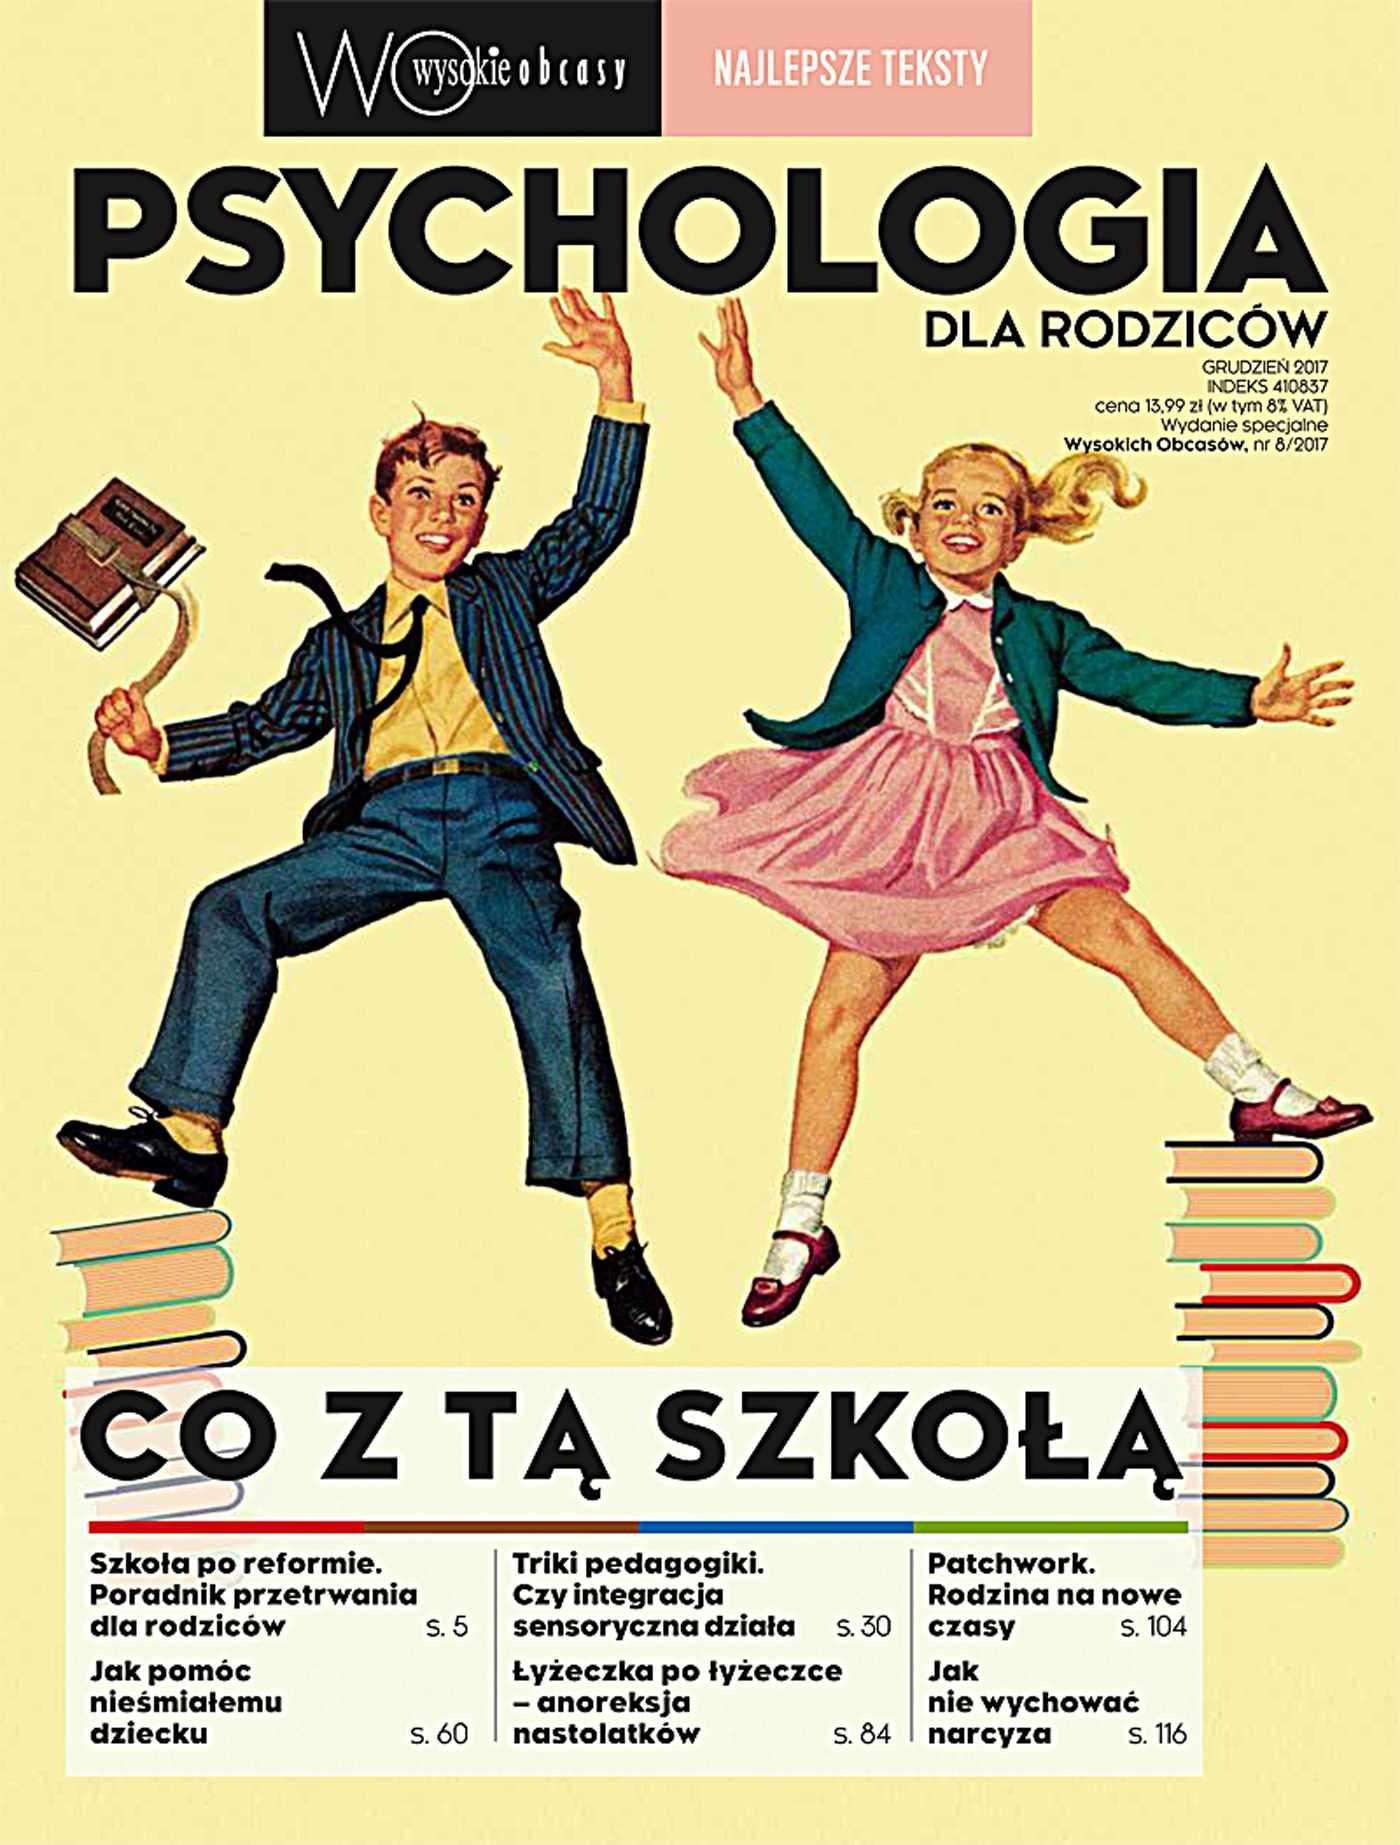 Psychologia dla rodziców 8/2017. Wysokie Obcasy. Wydanie specjalne - Ebook (Książka na Kindle) do pobrania w formacie MOBI